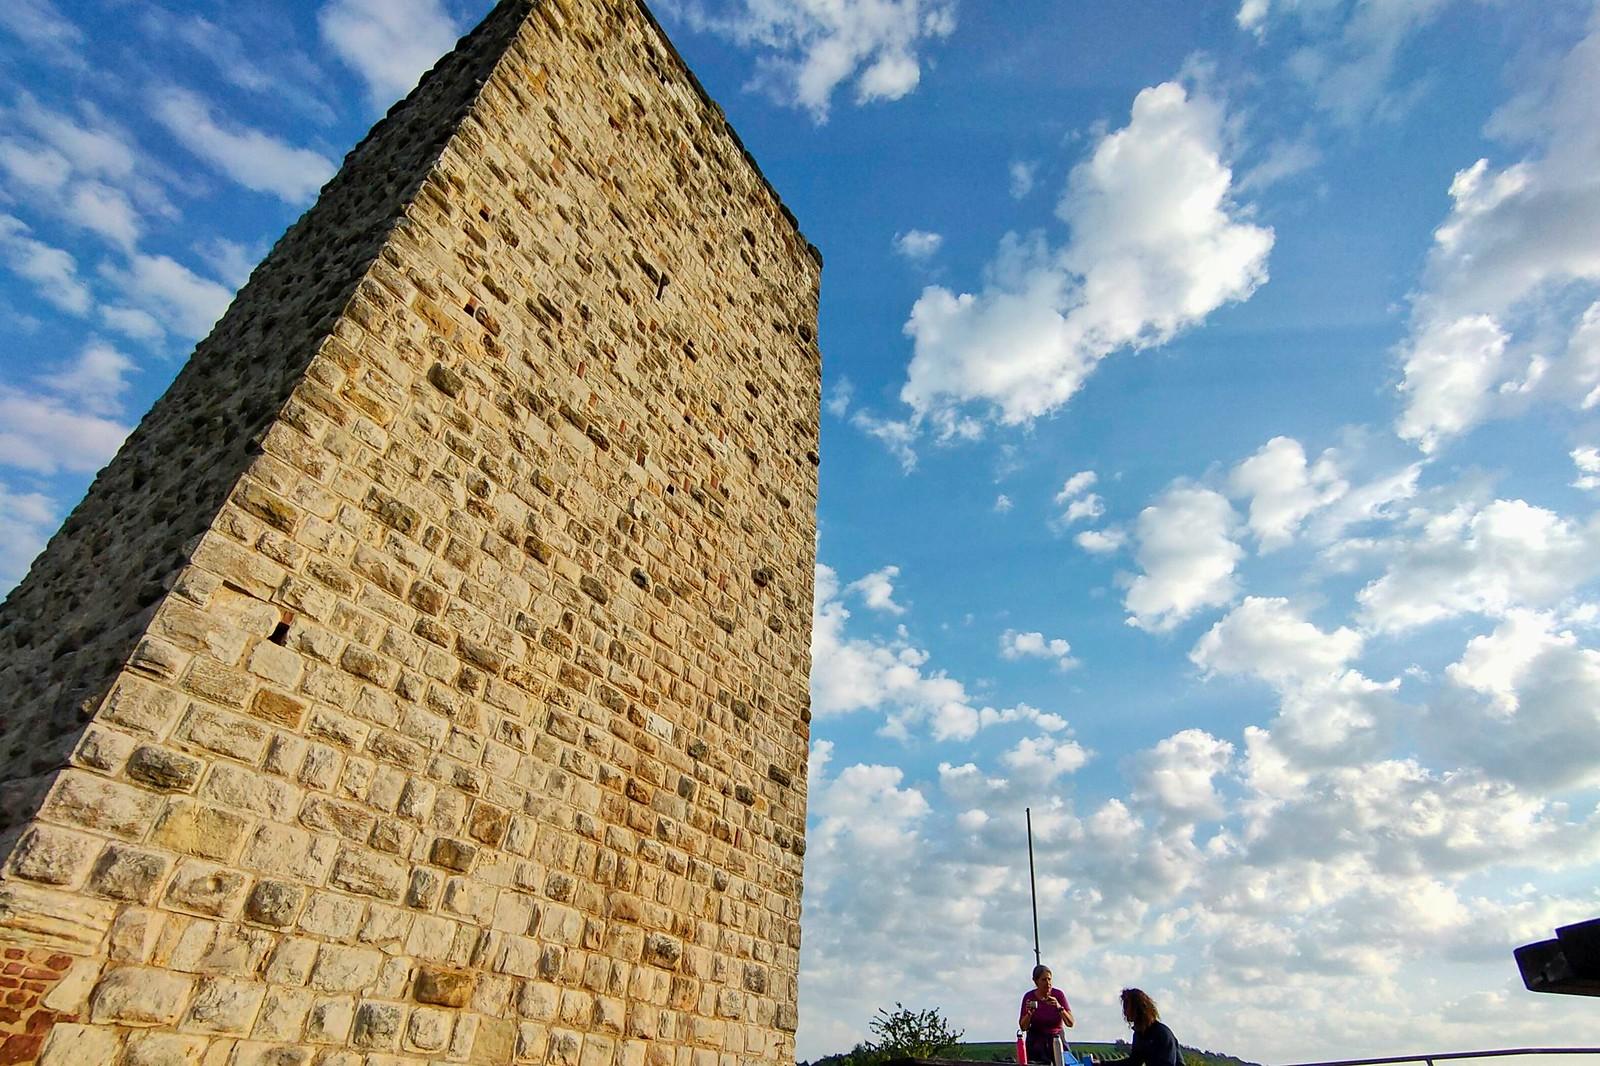 Turm der Schwabsburg